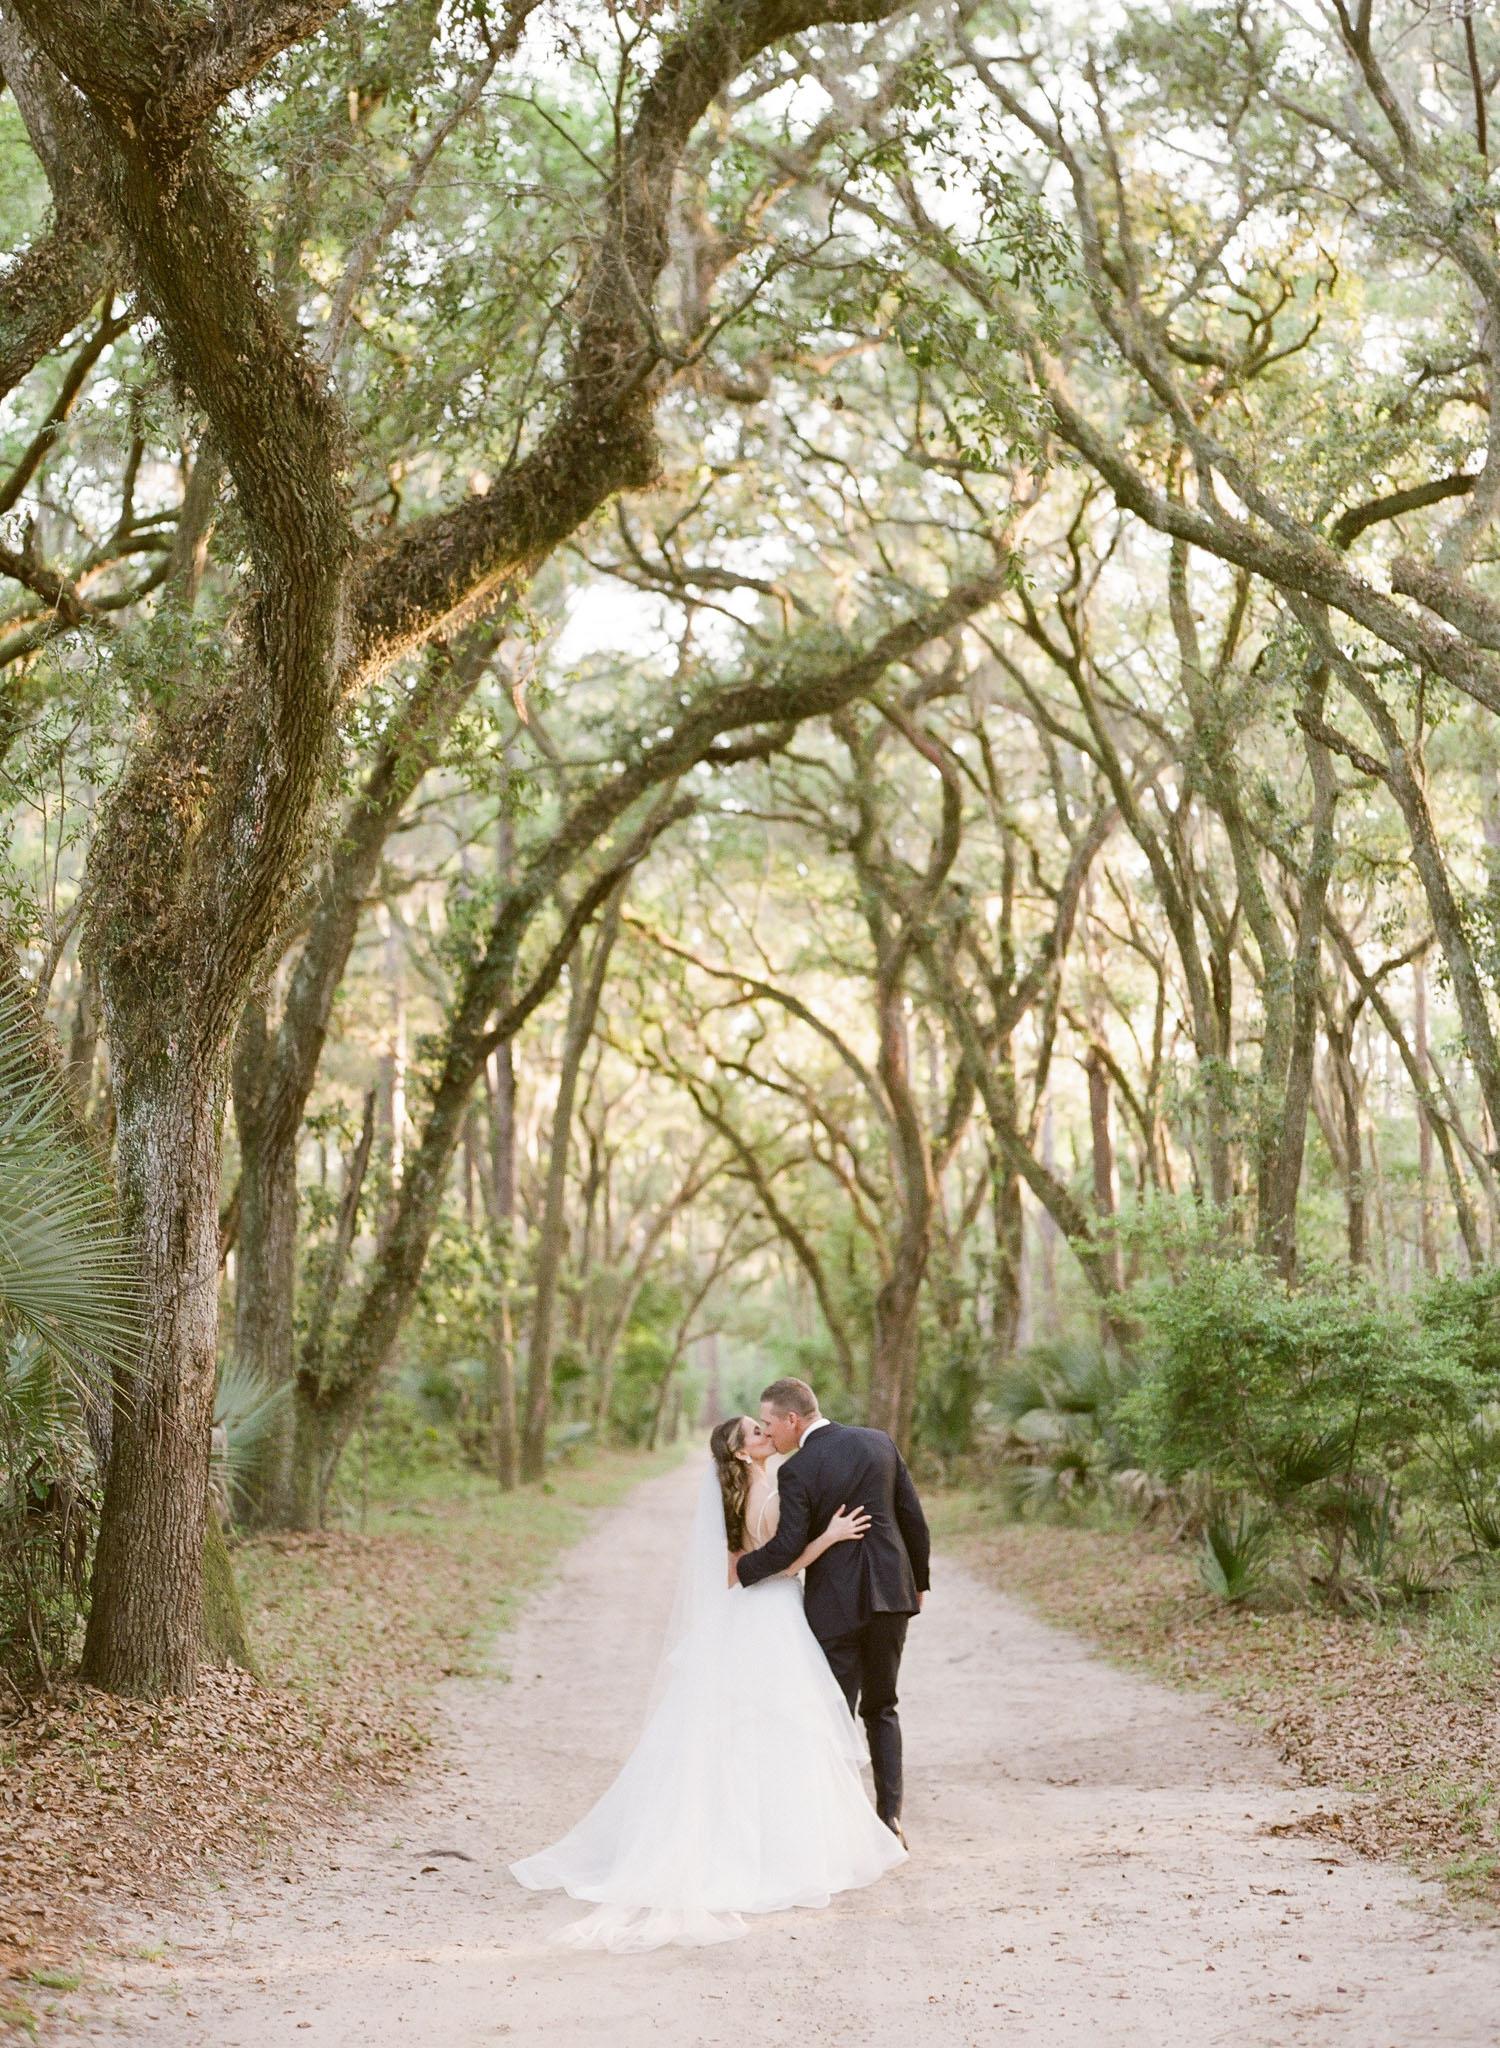 Palmetto-Bluff-Weddings-1-4.jpg